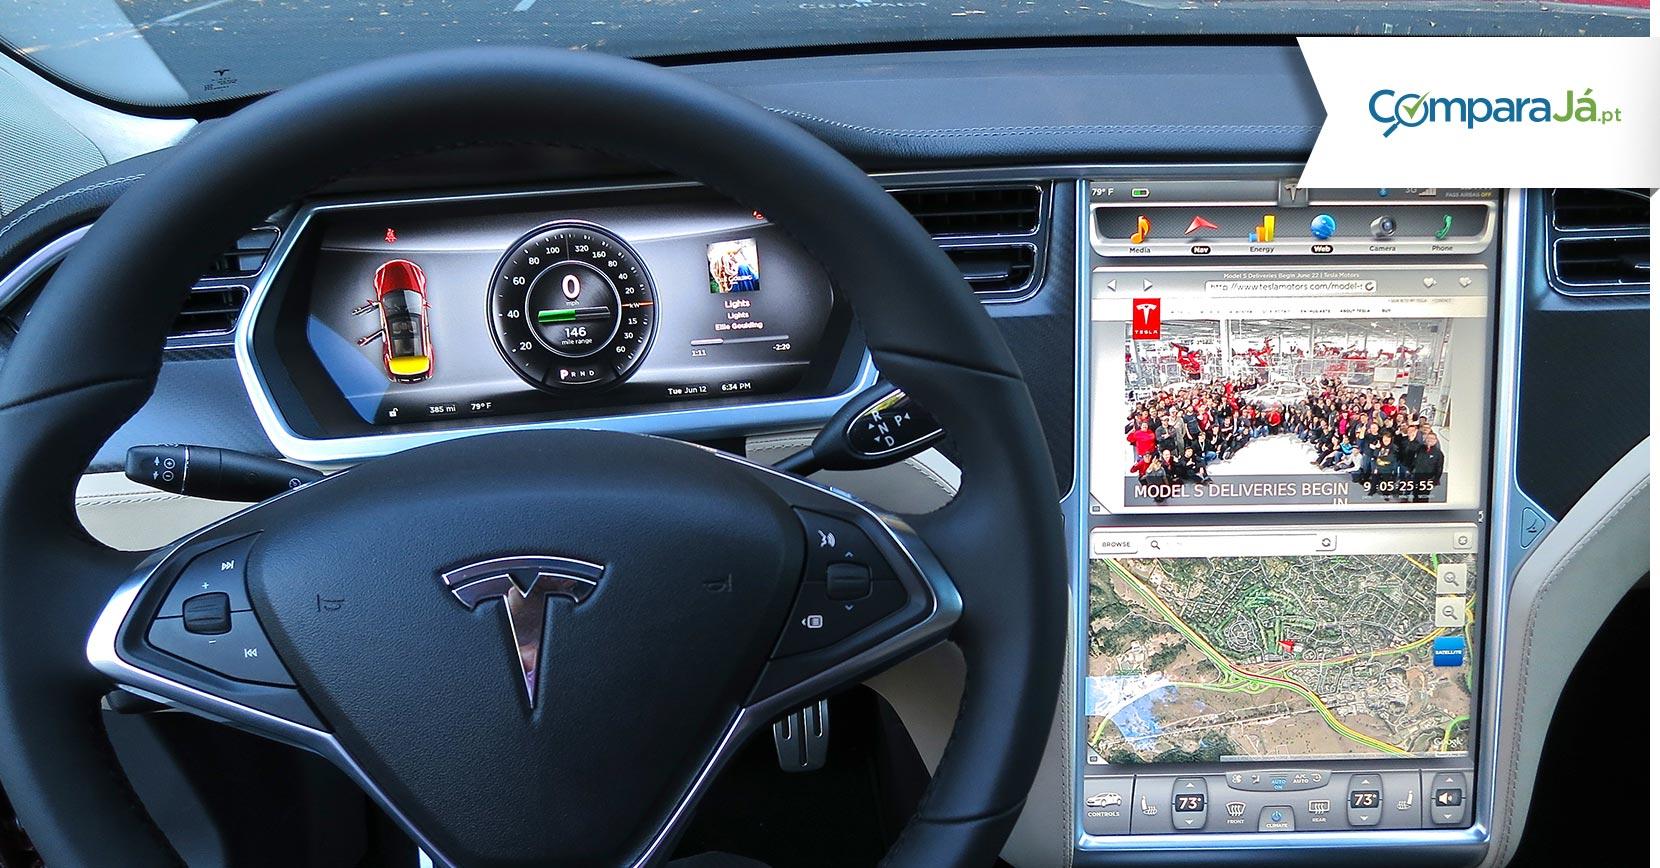 ComparaJá.pt Seguro Automóvel Danos Próprios Sabe quanto custa segurar um Tesla?